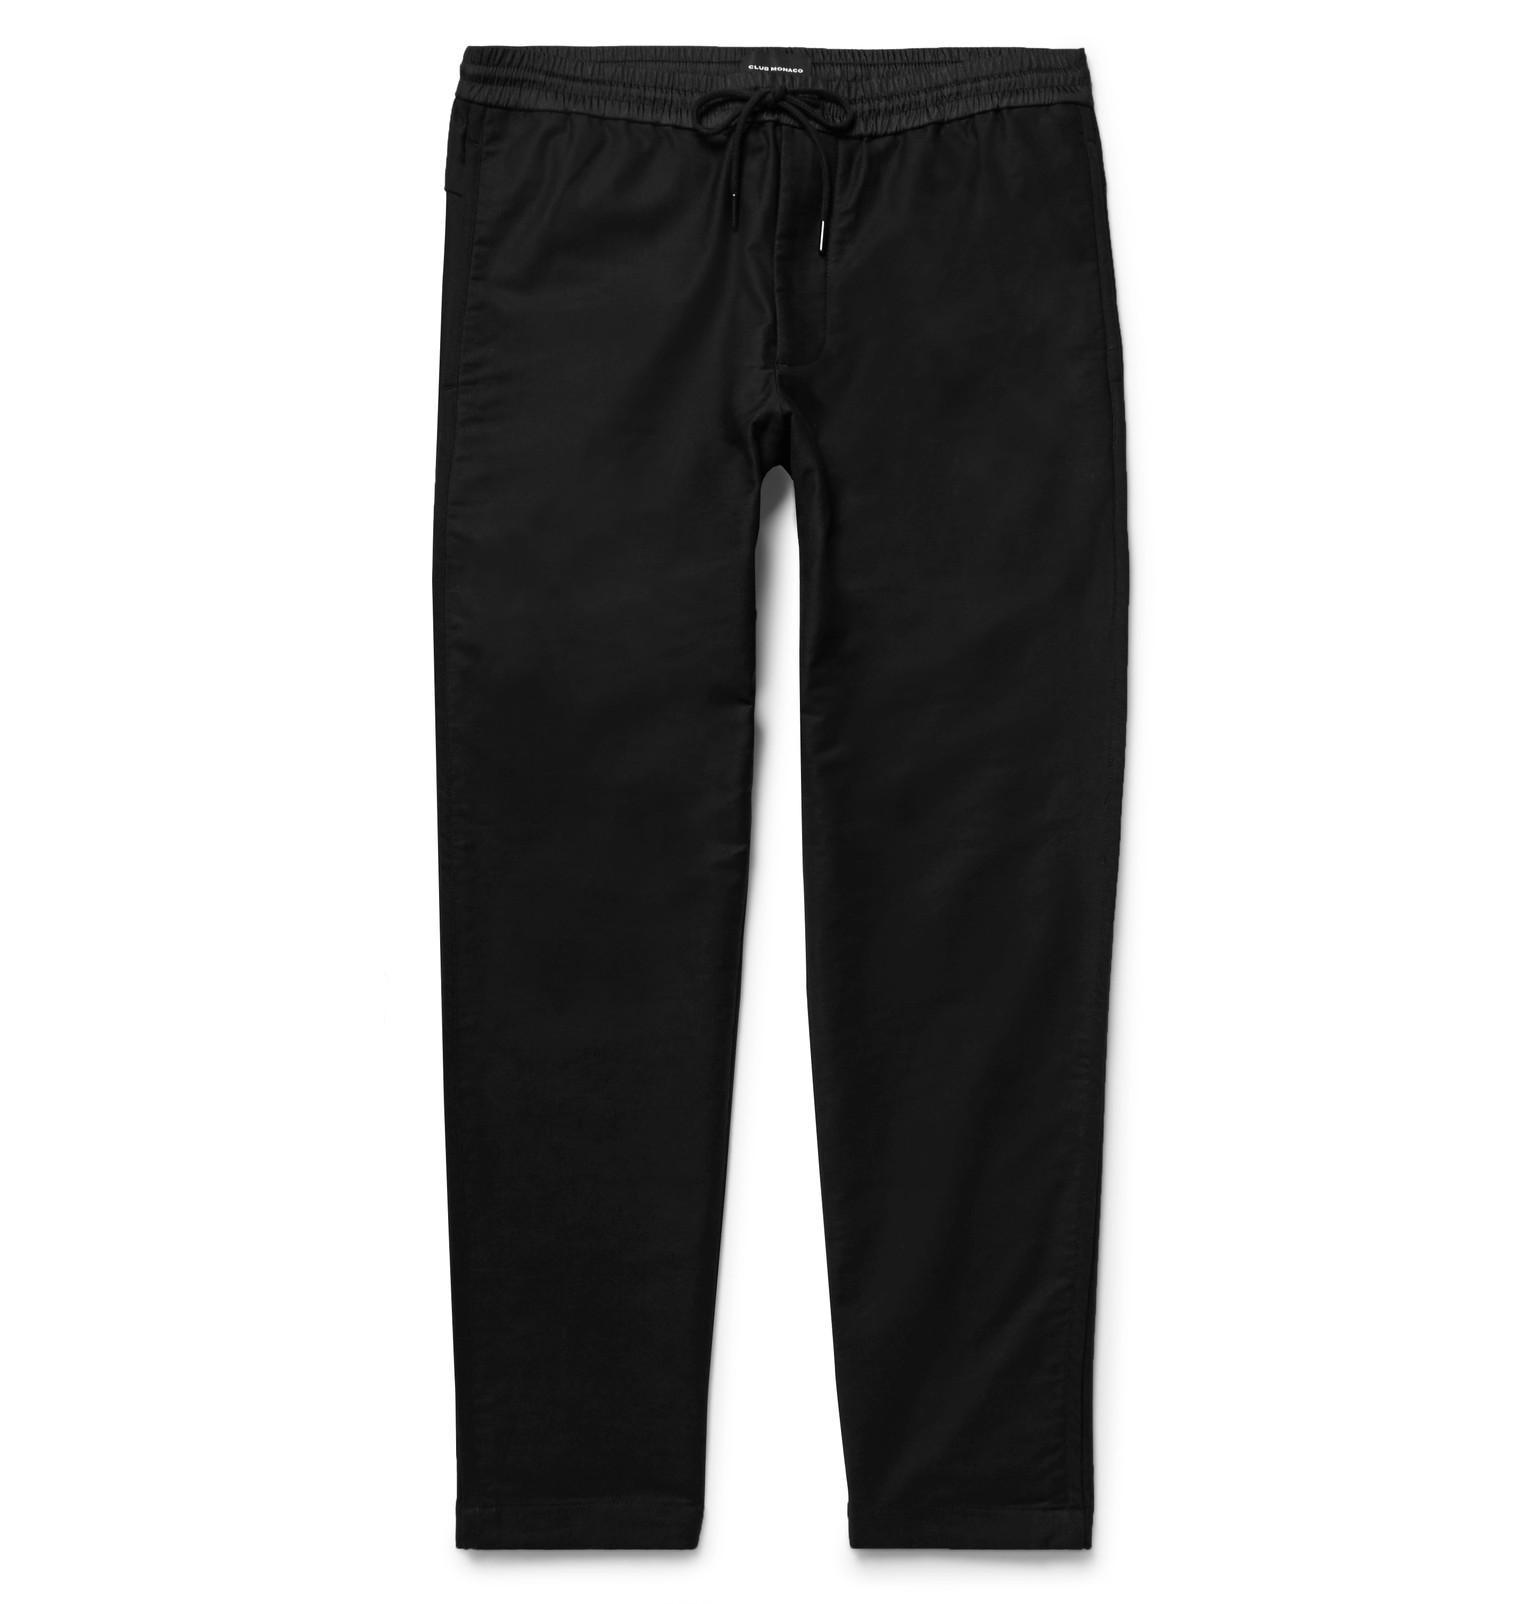 Slim-fit Woven Drawstring Trousers Club Monaco Discount Manchester Cheap Shop Best Prices Sale Online Shop Your Own Online Shop 2oJ1TINz